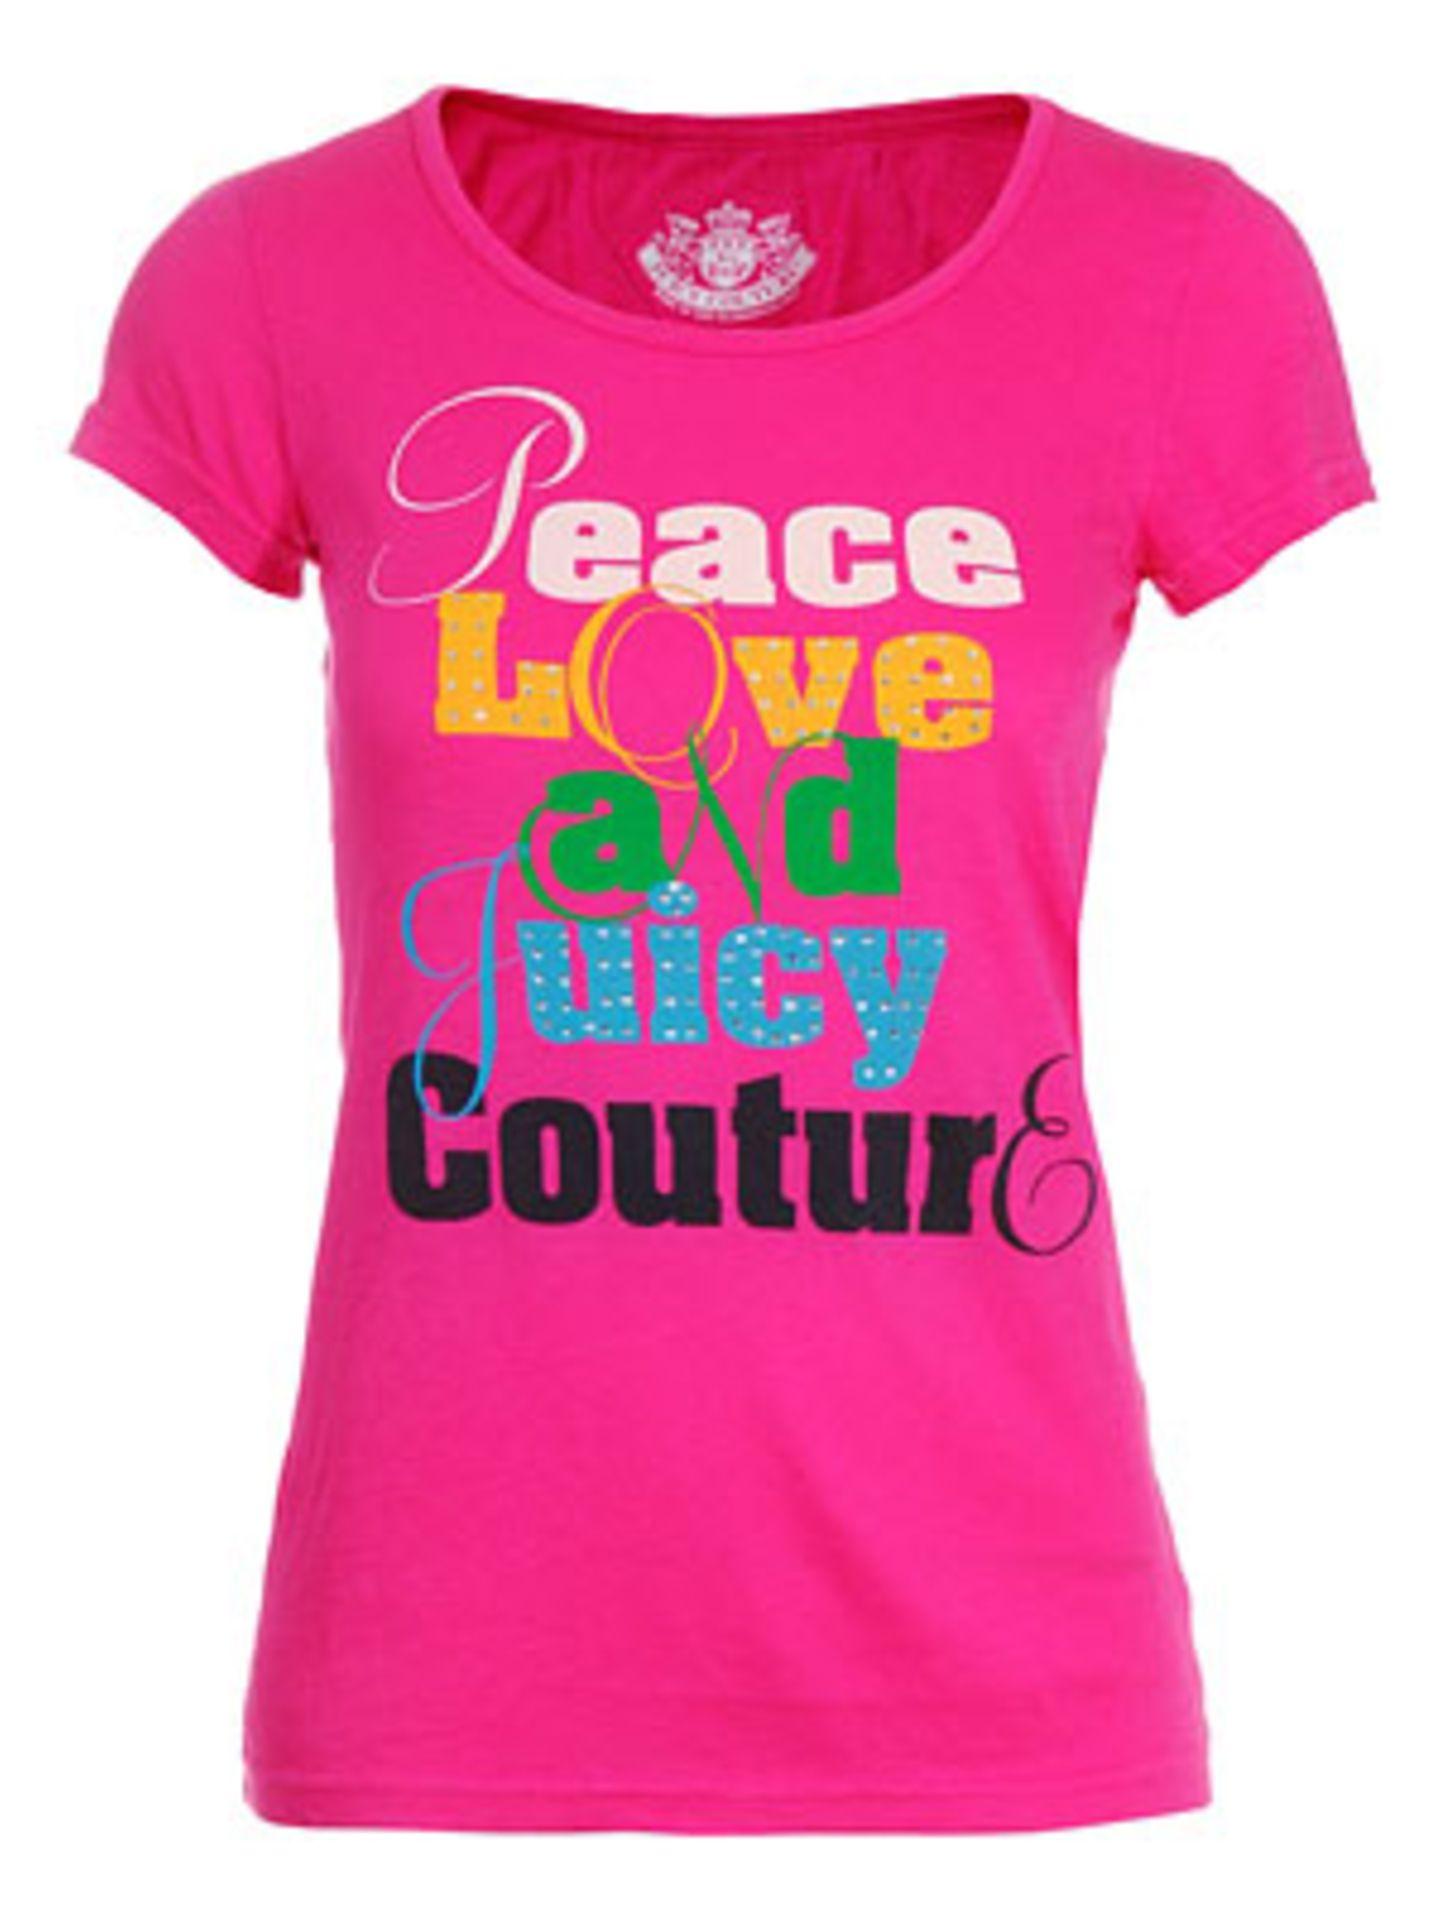 Peace and Love-Shirt von Jades 24, um 100 Euro.